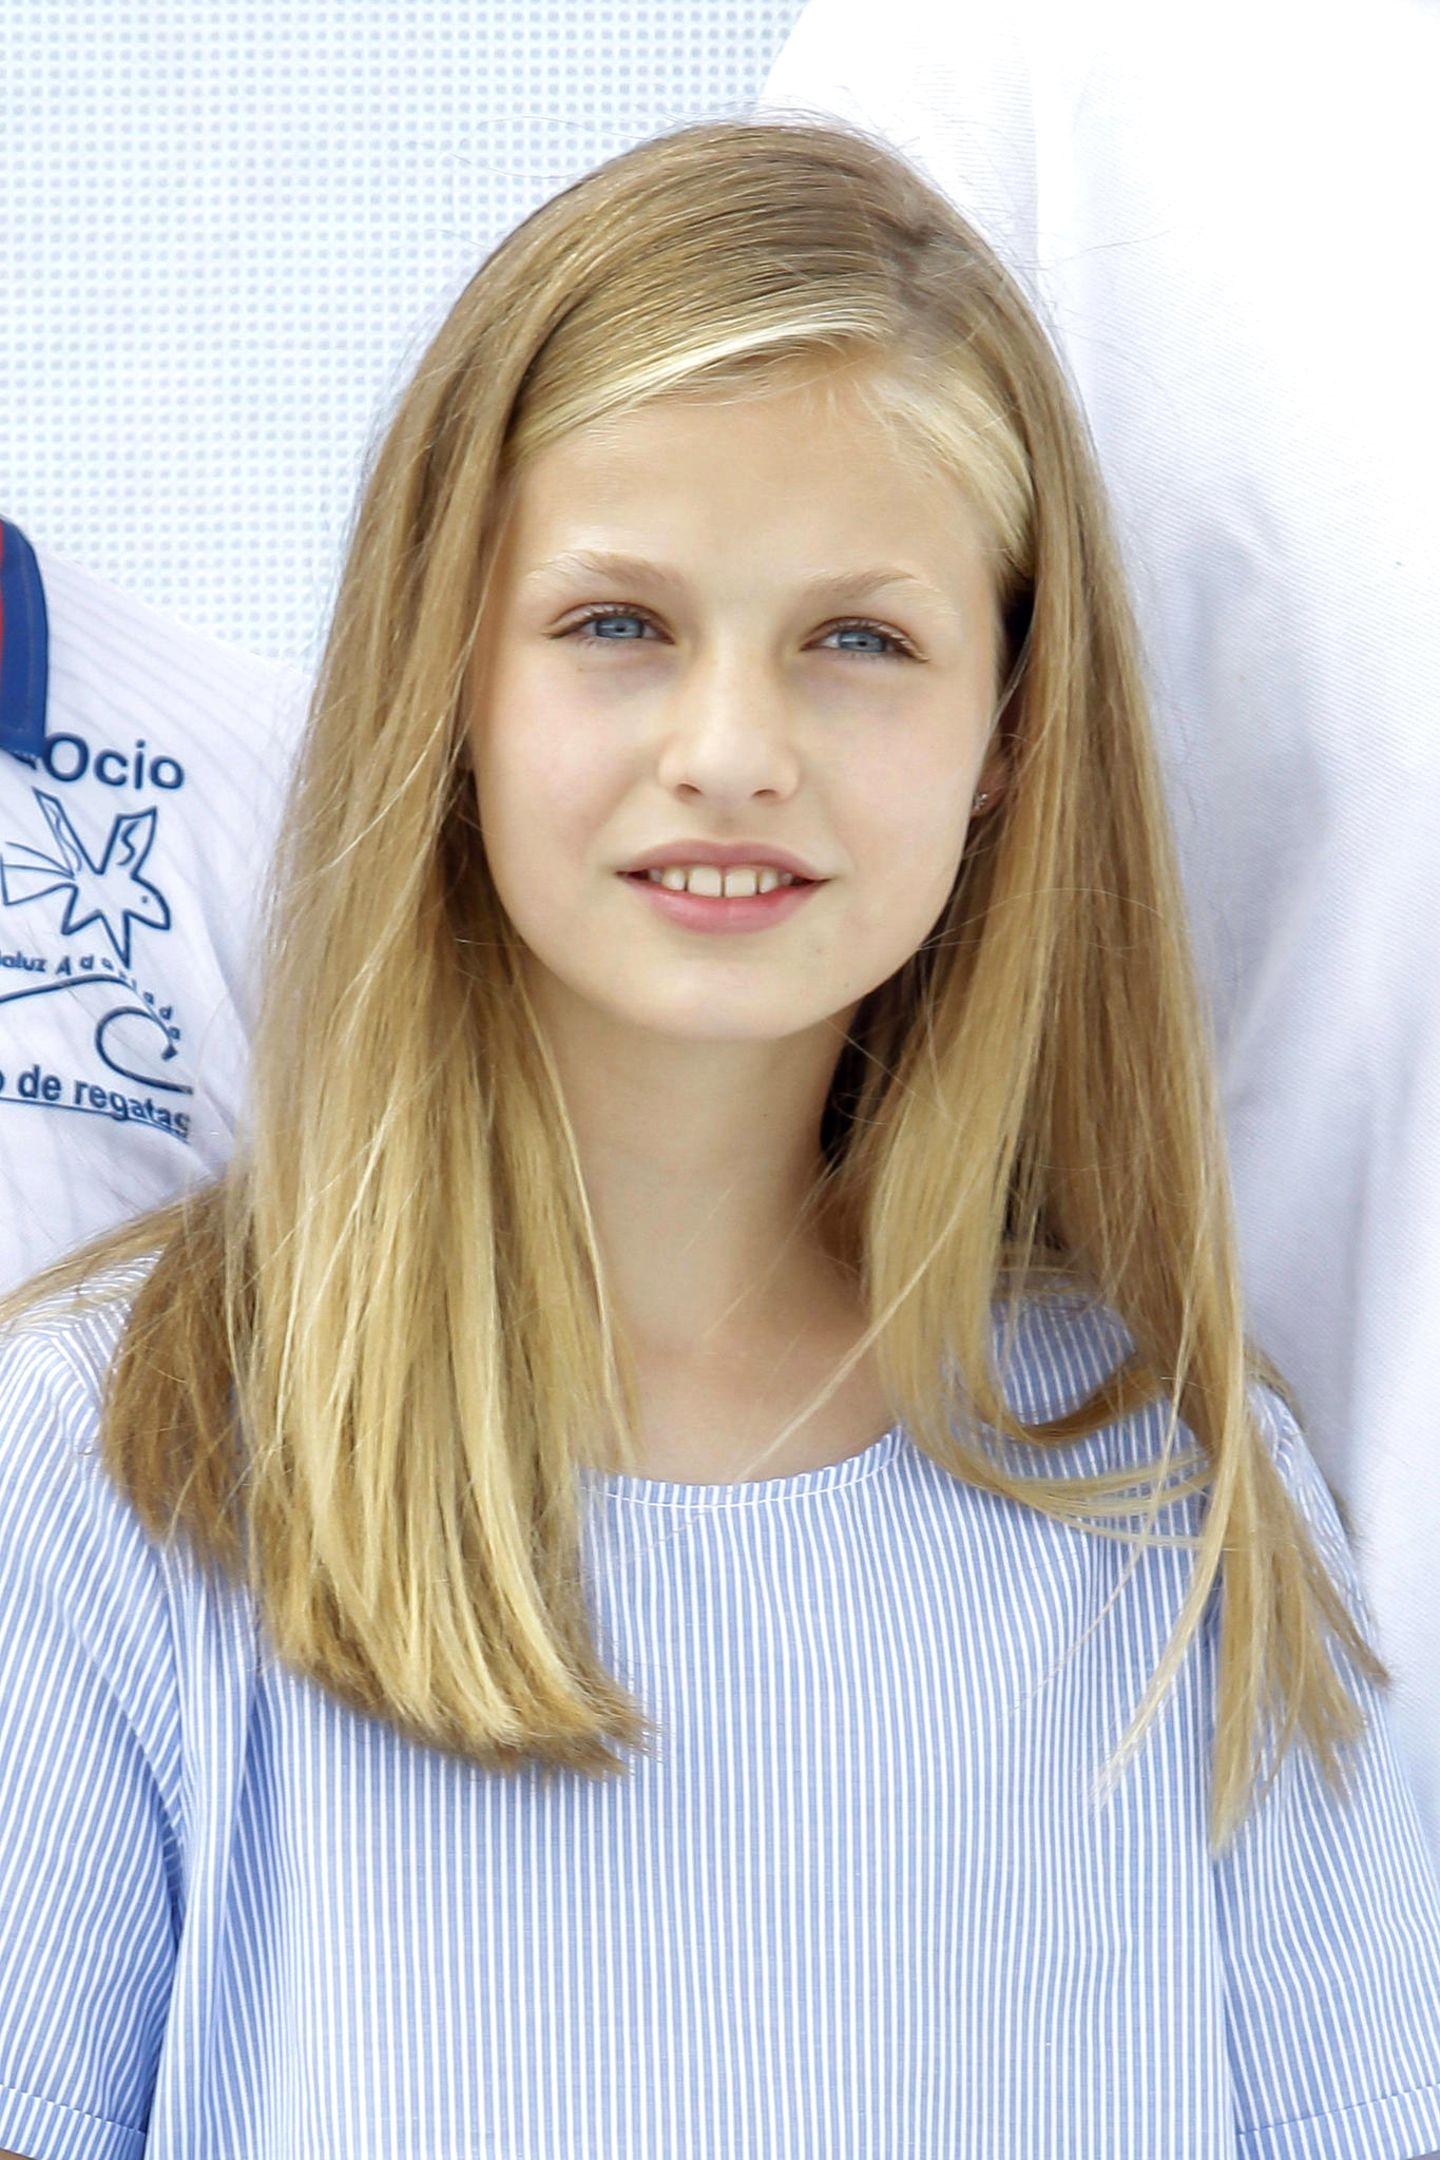 1. August 2019  Kronprinzessin Leonor ist die Ältere von den beiden. Die 13-Jährige trägt passend zu dem Segel-Event ihres Vaters ein Oberteil in maritimen Farben.